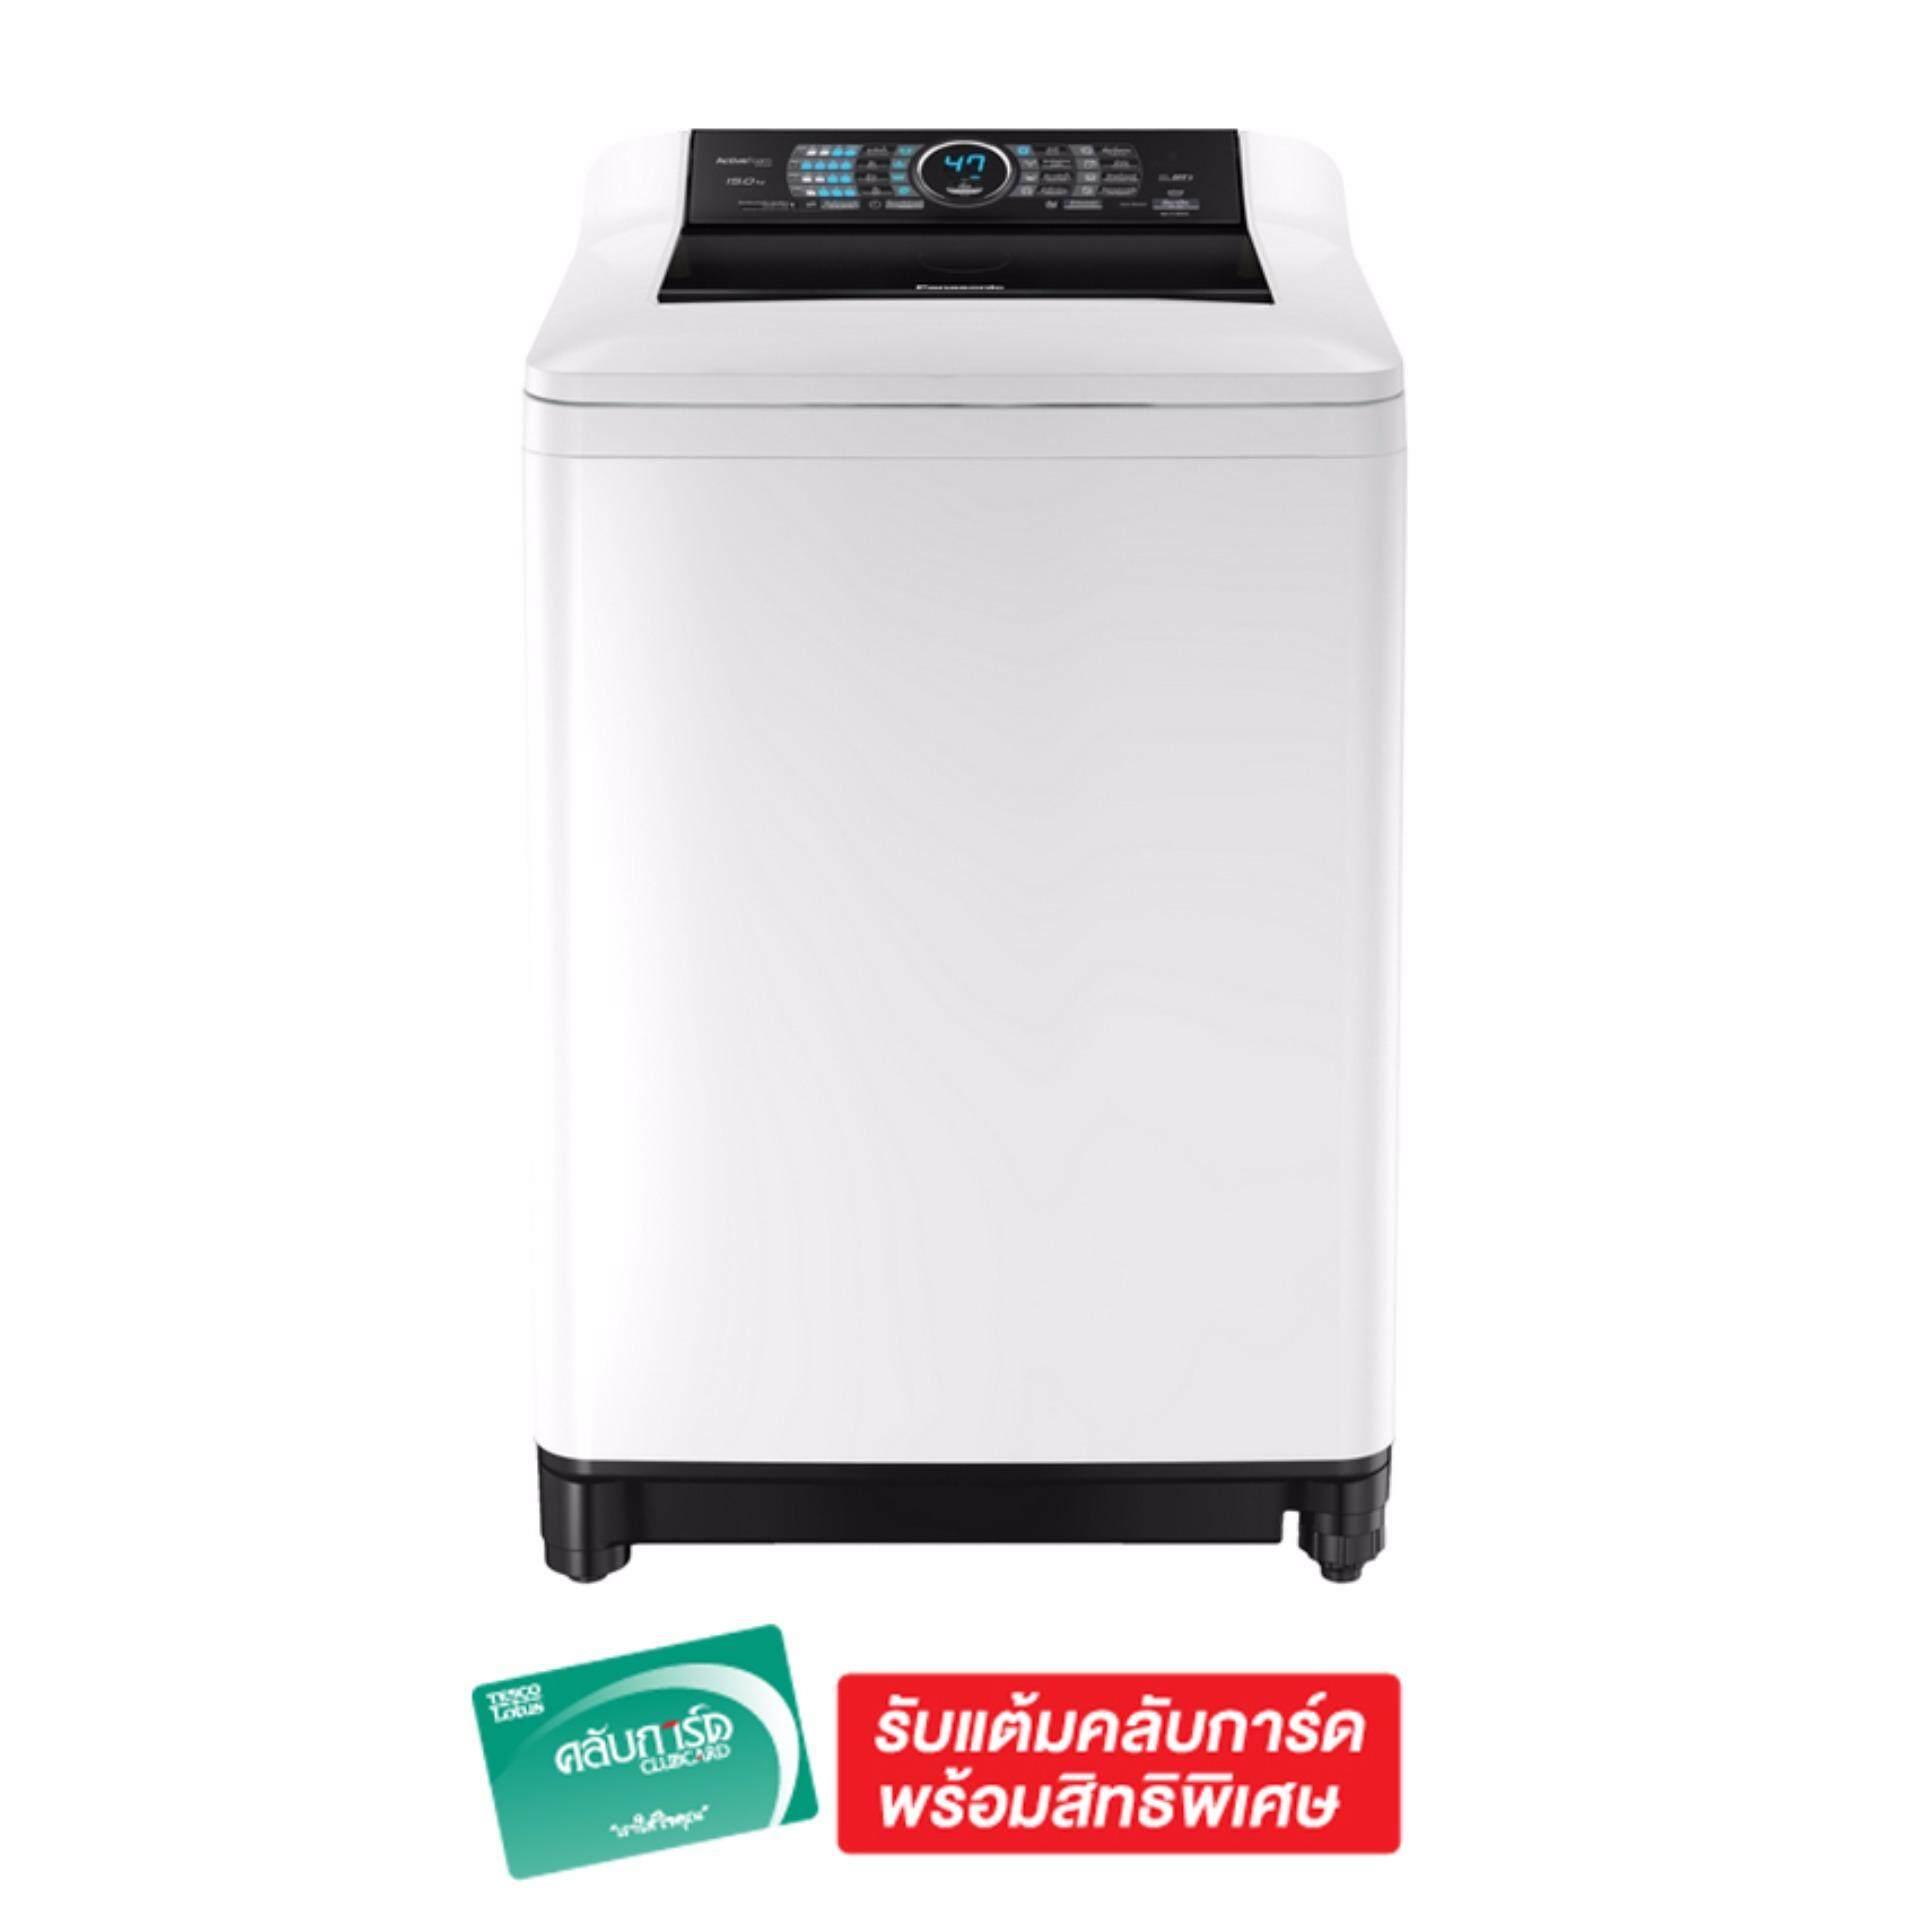 ลดราคาเพื่อคุณ เครื่องซักผ้า Sharp ลด -33% SHARP เครื่องซักผ้า 2 ถัง 7.0 KG. รุ่น ES-TW70BL รับประกัน 10ปี แถมขาตั้งยกสูง ซื้อที่ไหน ? ถูกที่สุด